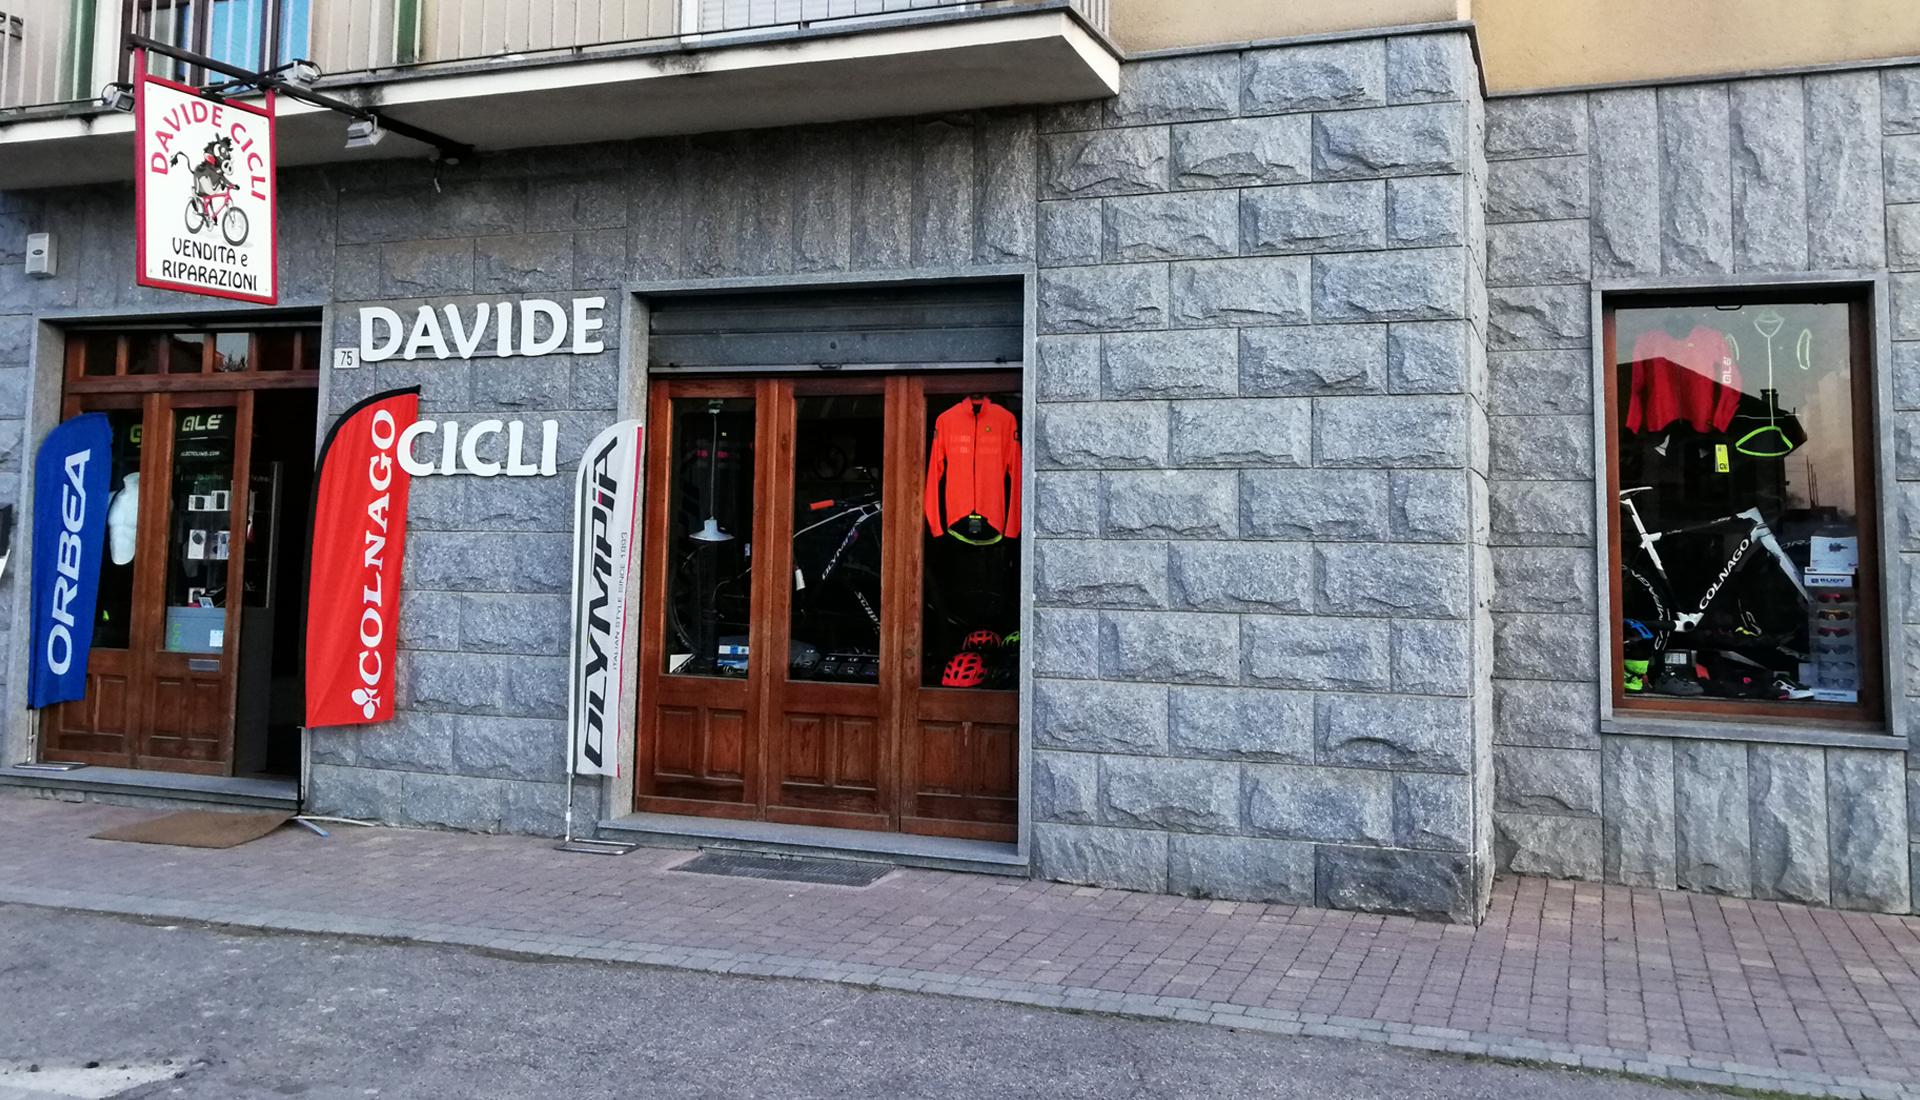 Davide Cicli